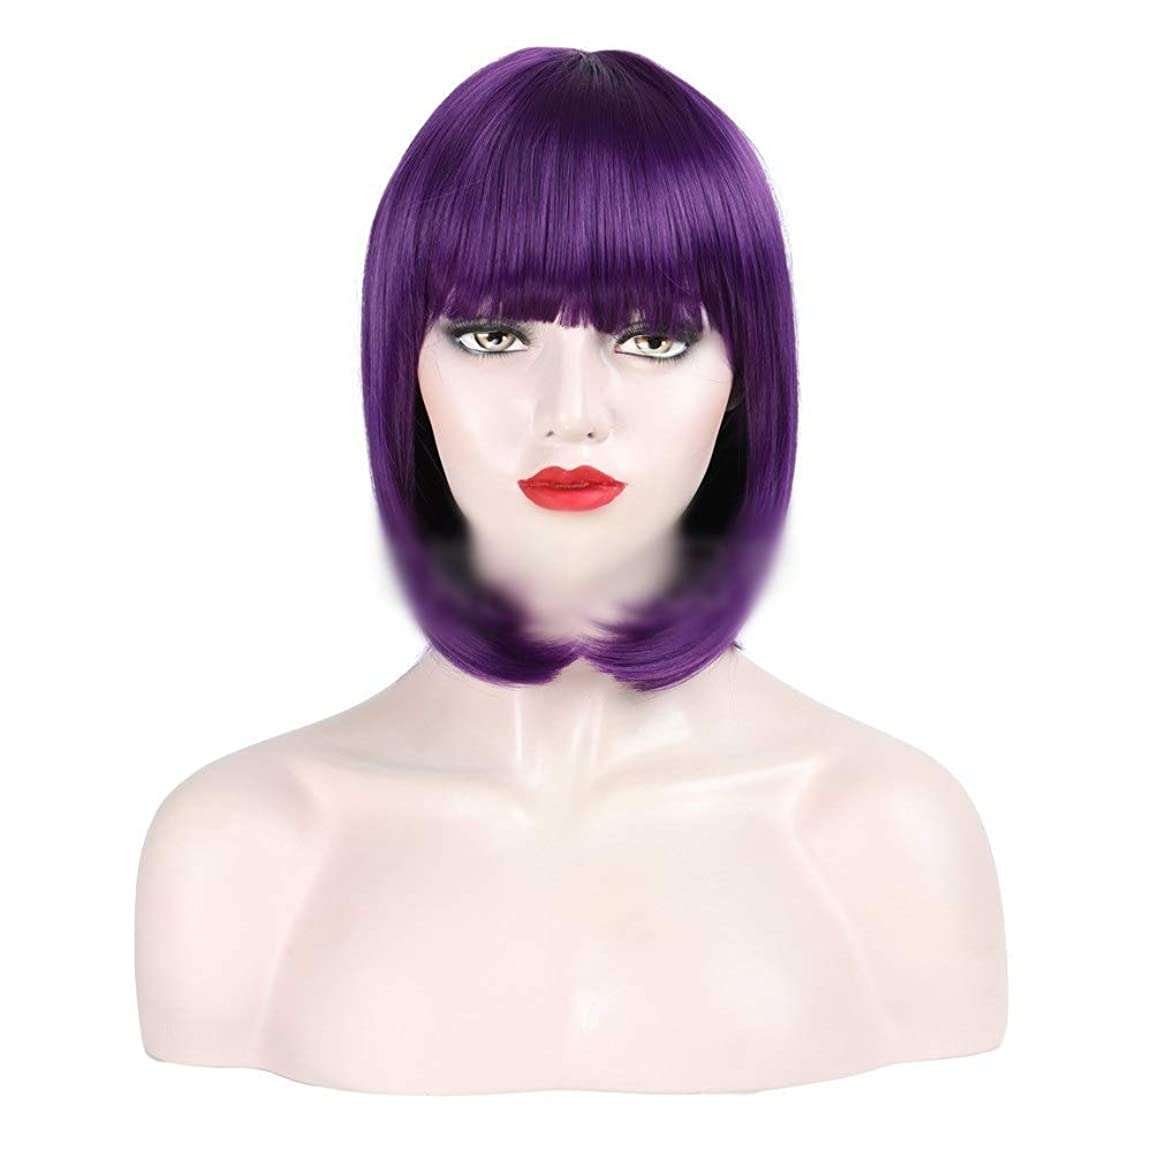 戦争幅有効化YESONEEP コスプレウィッグパープルヘアボブウィッグショートヘア前髪付きナチュラルストレート女性レディースパーティーウィッグ (Color : Purple)